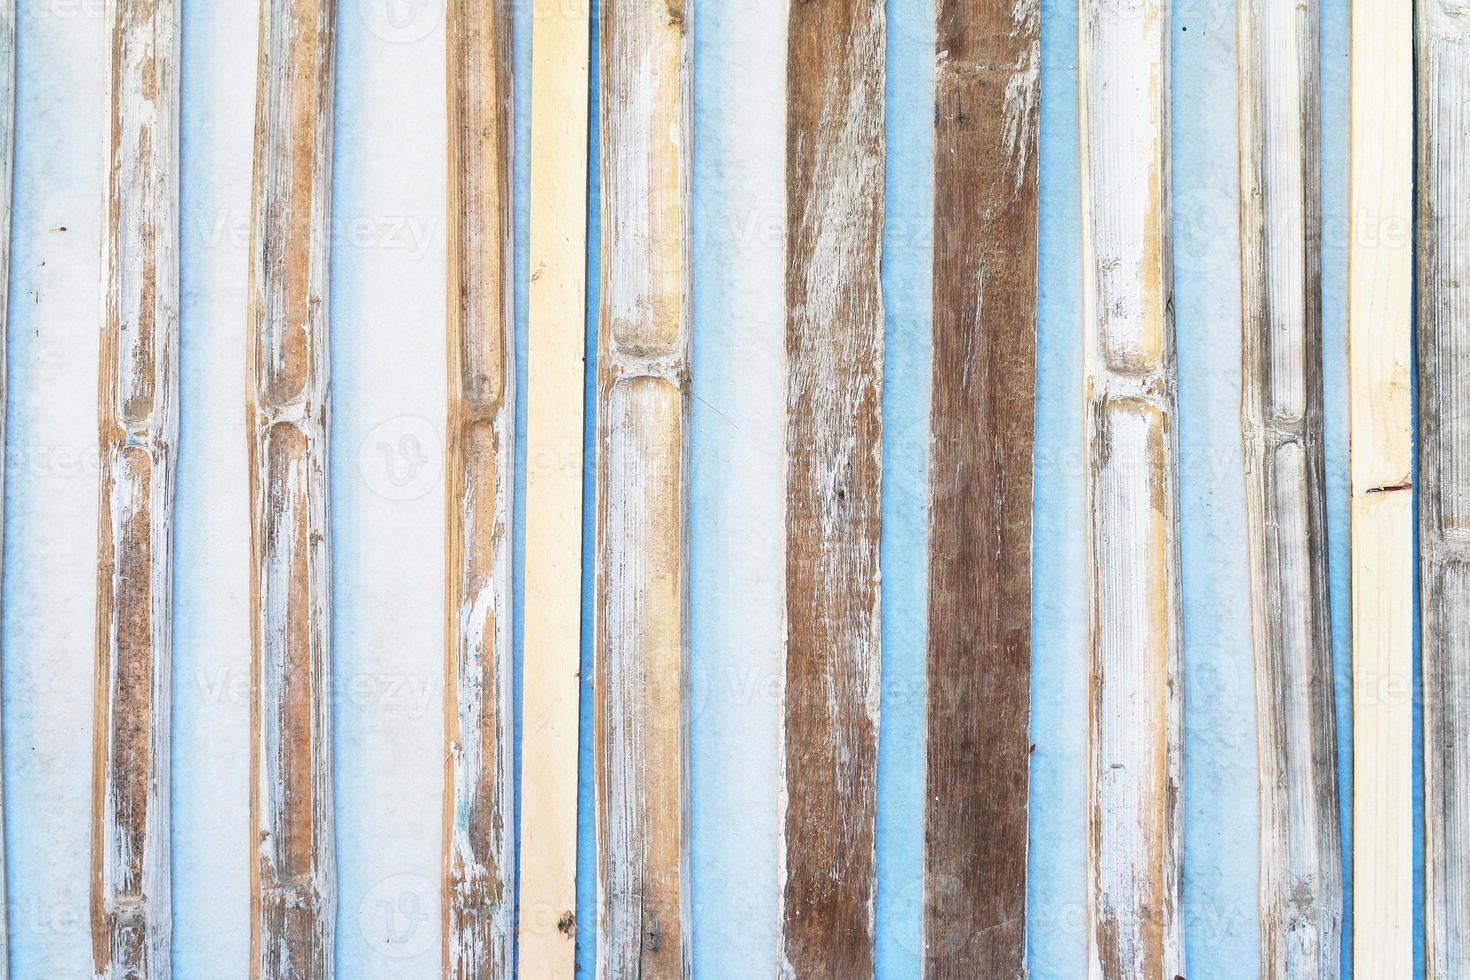 motif en bois de planche. photo